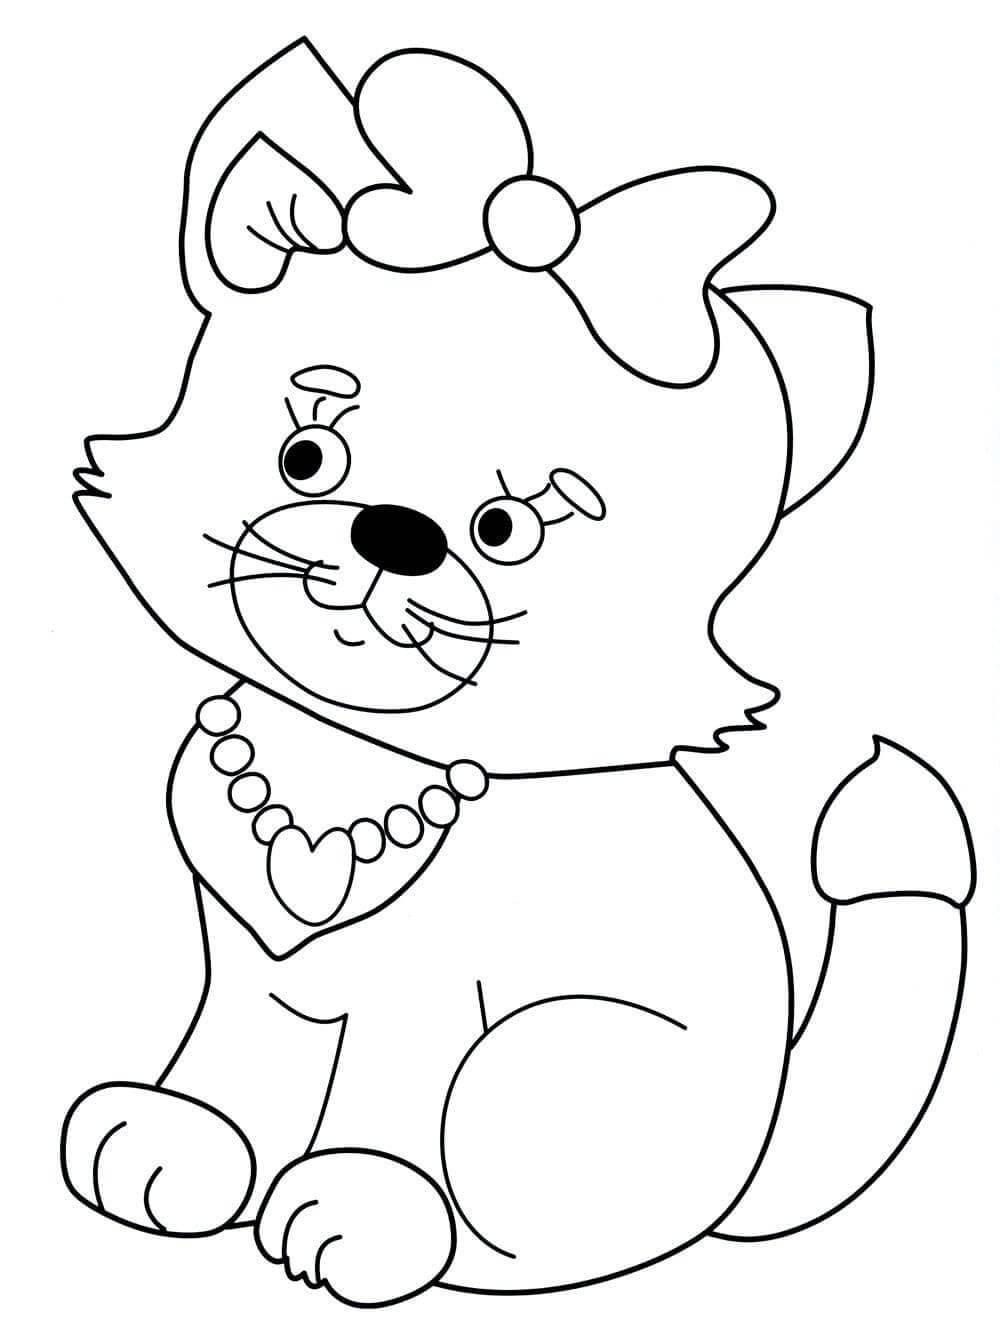 Раскраска «Кошечка с бантиком»